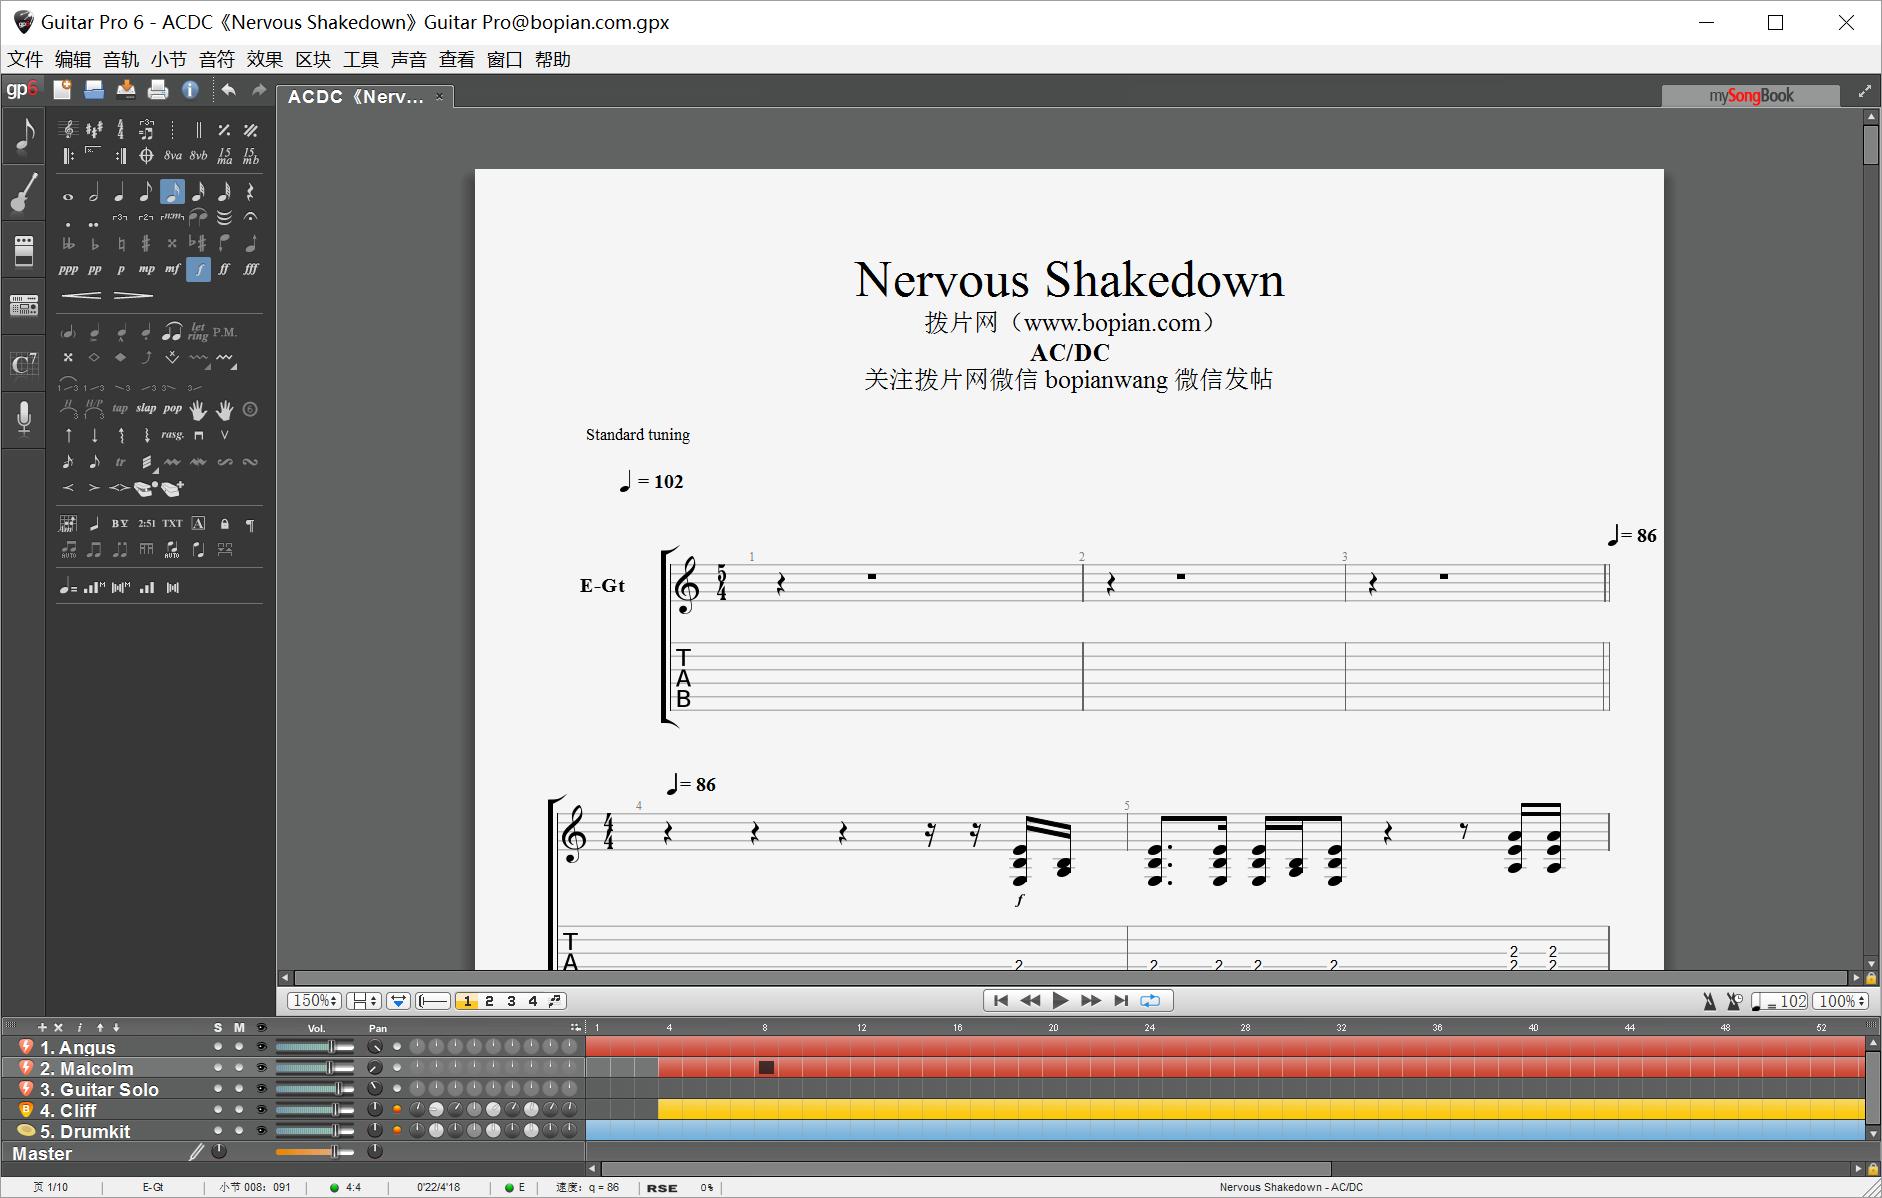 拨片网_乐队谱_ACDC《Nervous_Shakedown》Guitar_Pro@bopian.com_.png